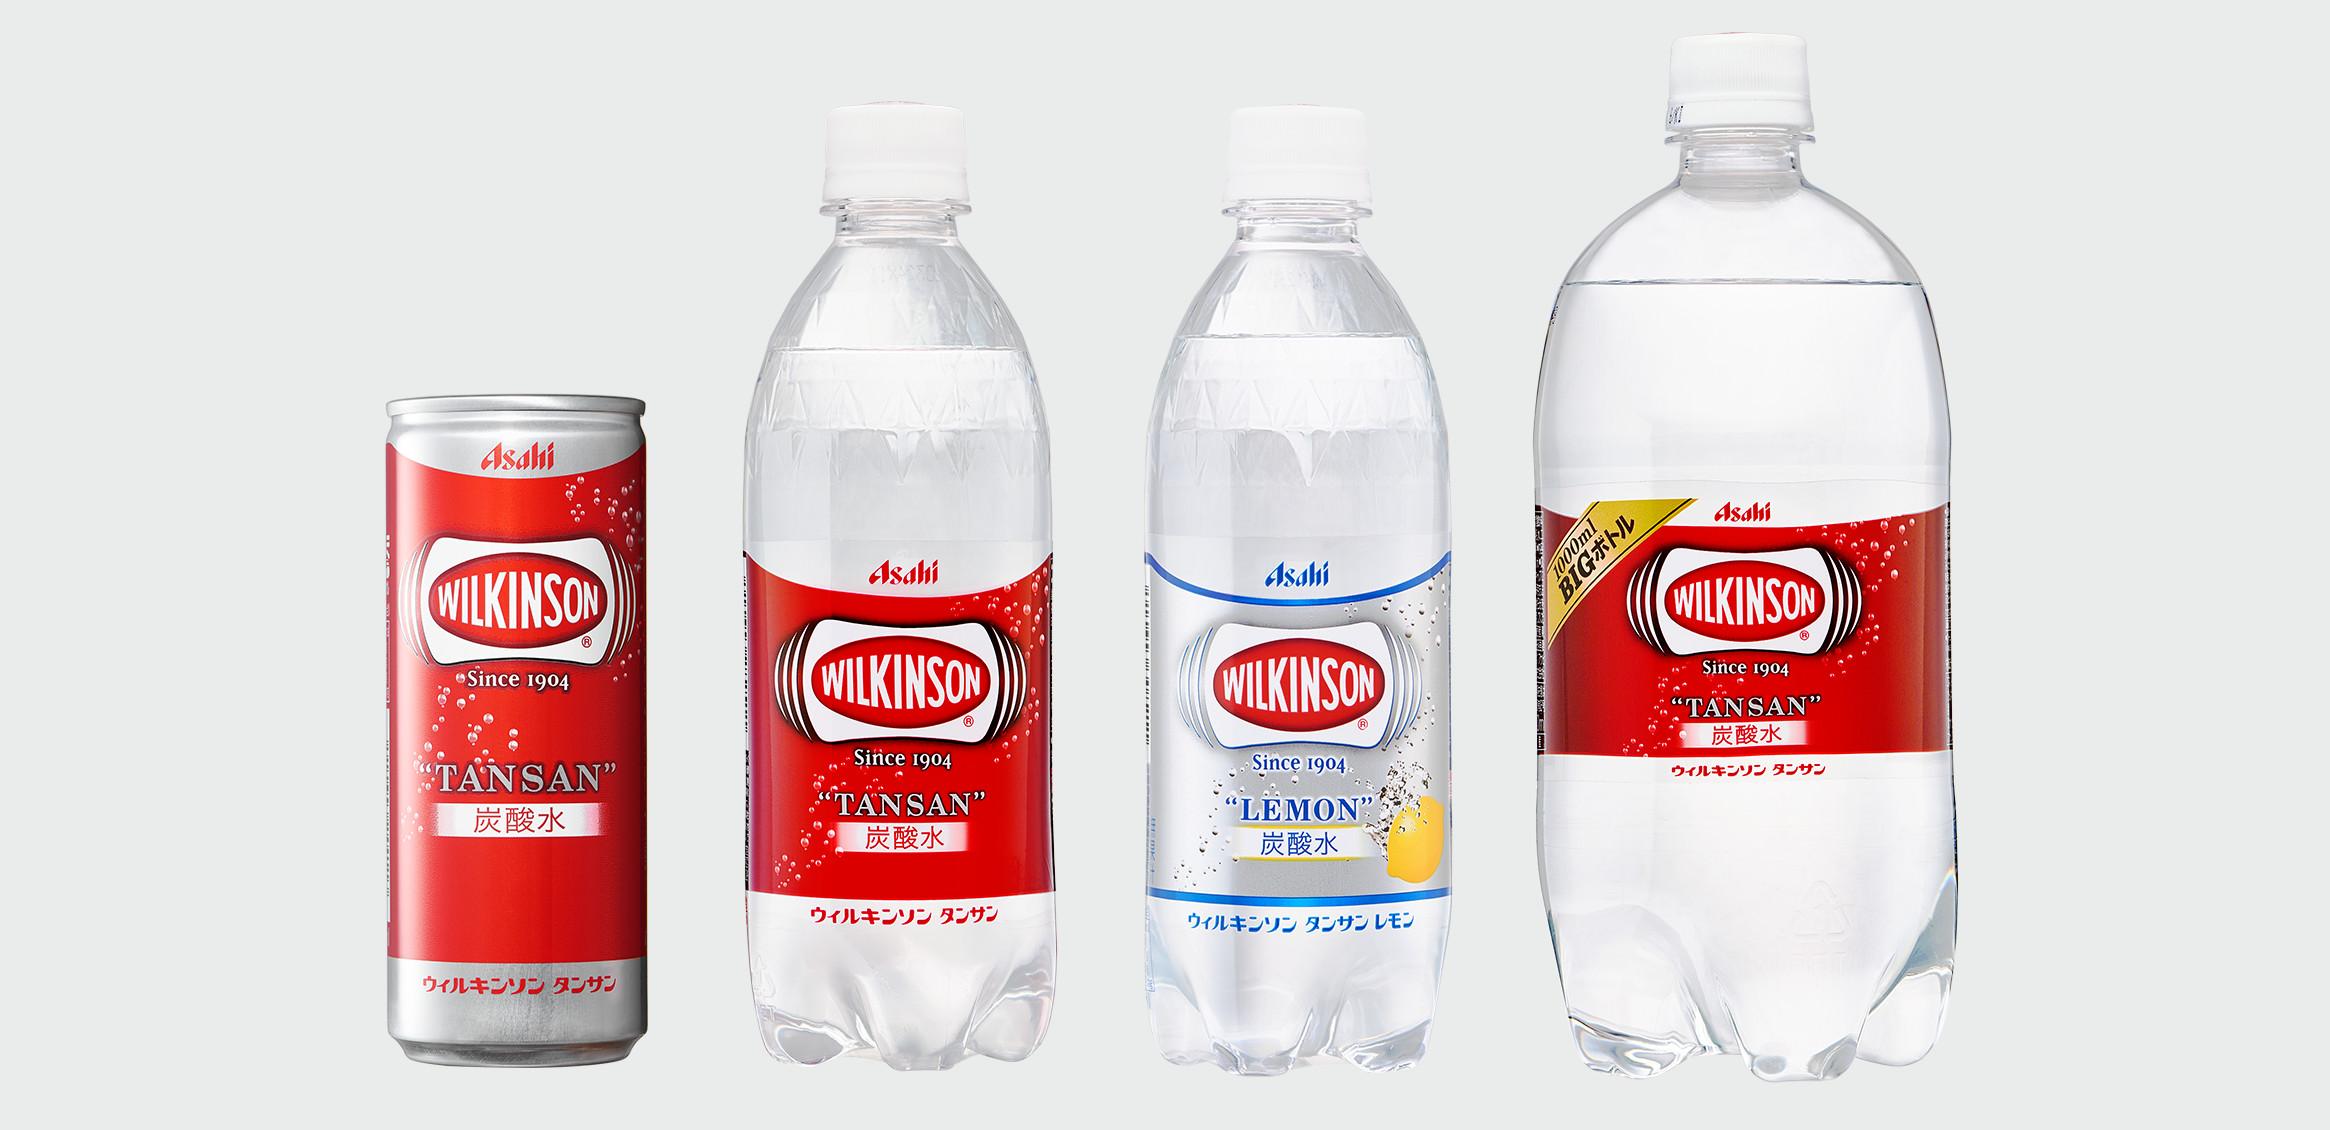 Wilkinson Soda Water / Lemon Soda Water4枚目